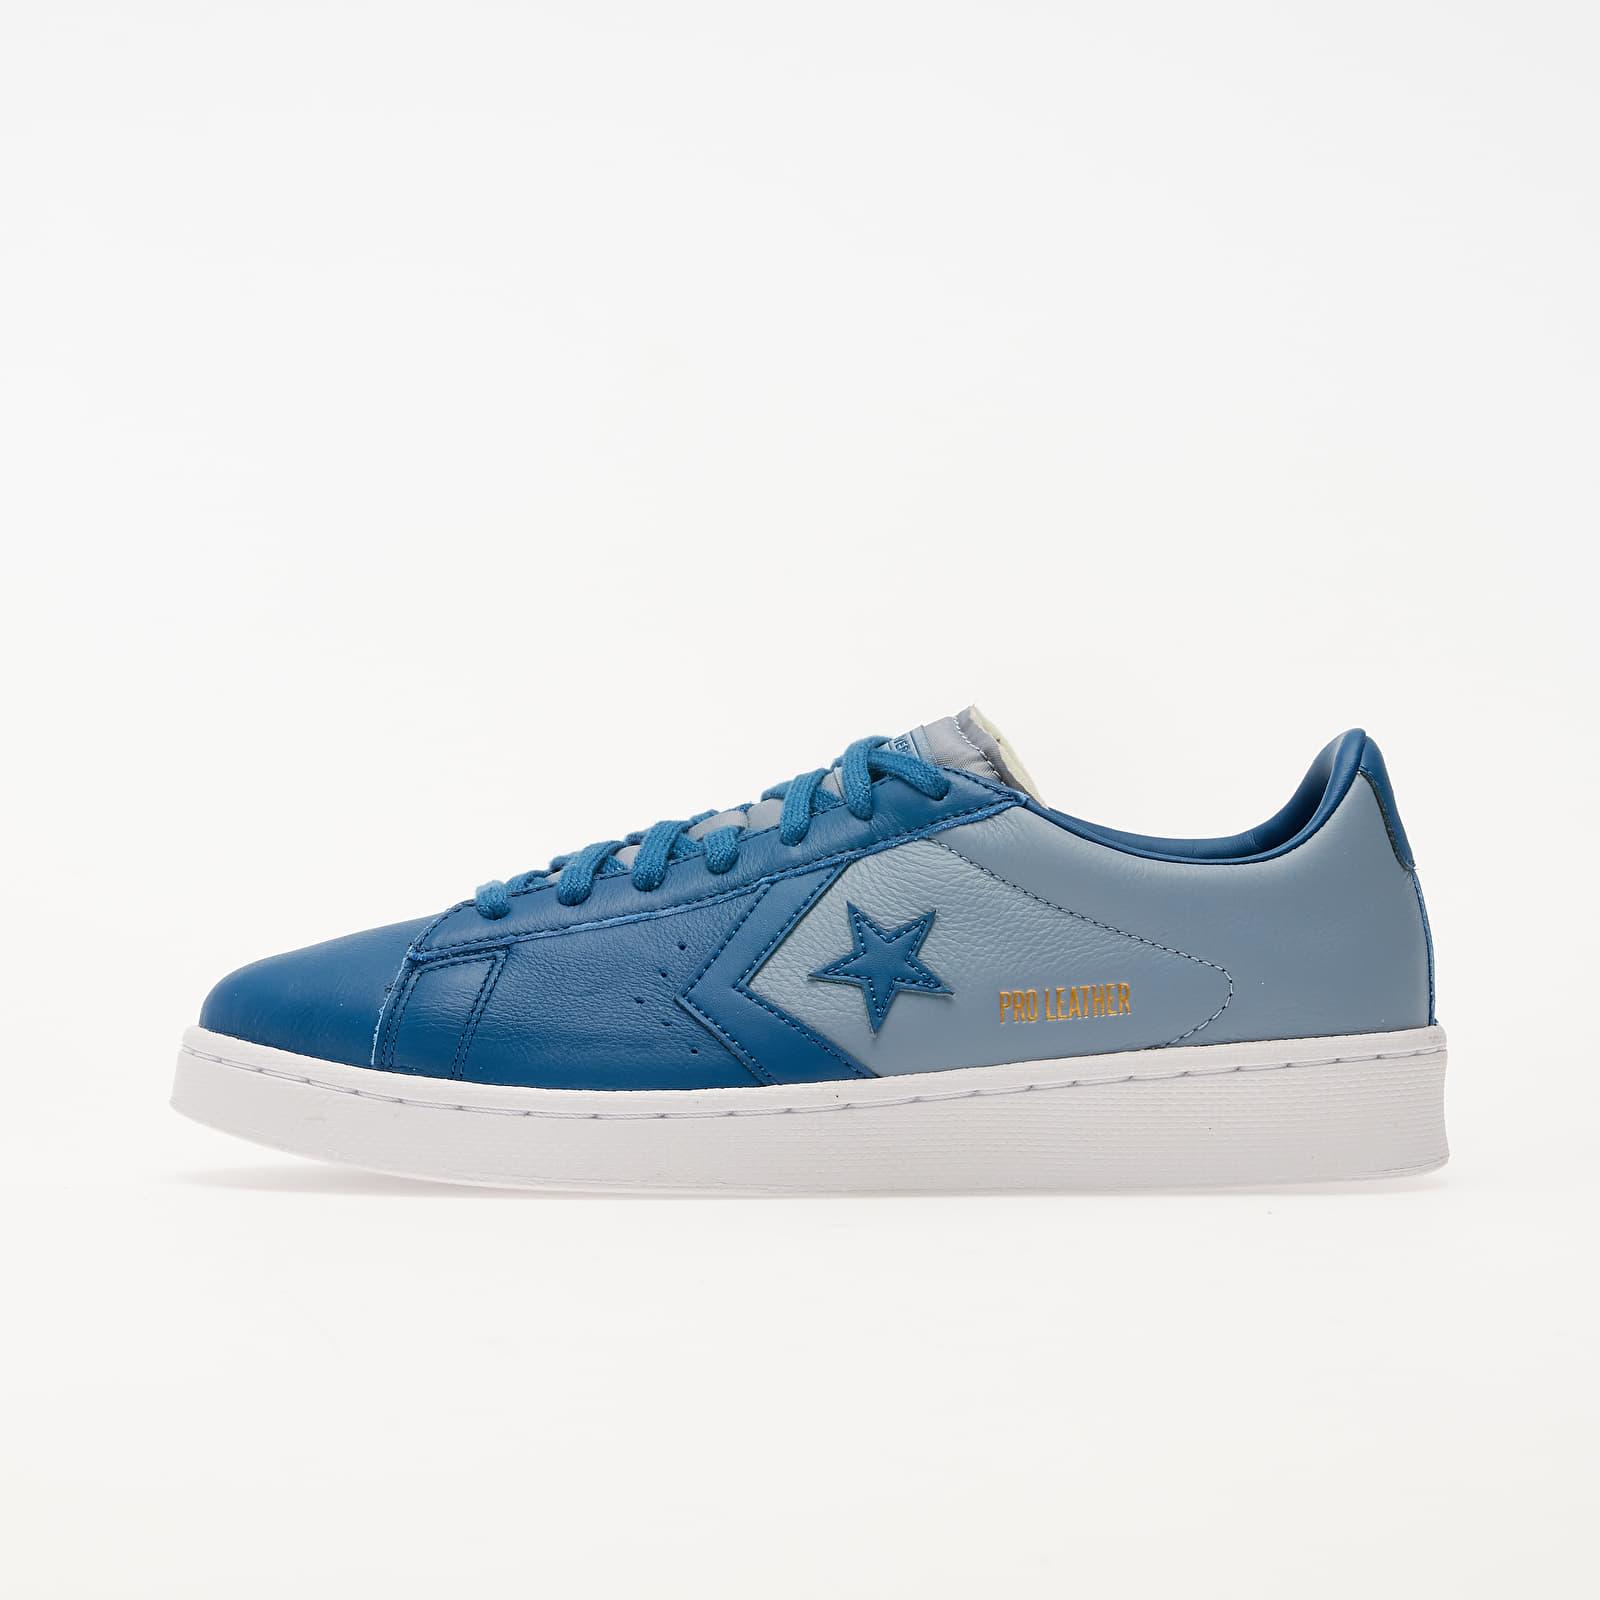 Pánské tenisky a boty Converse Pro Leather OX Court Blue/ Blue Slate/ White